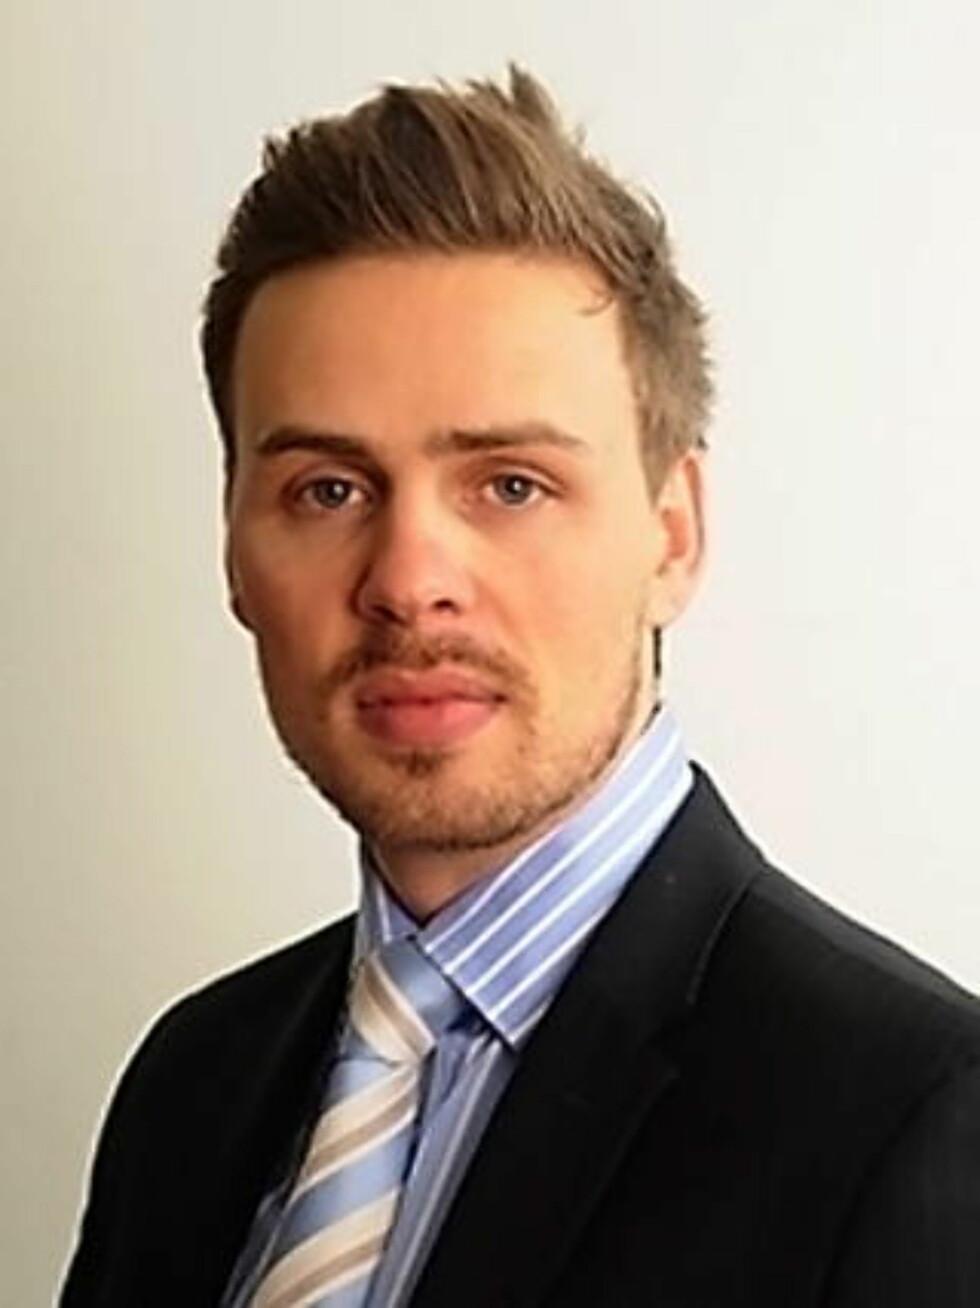 -EN SKANDALE:  - Tore Andersen ble uskyldig dømt. Systemet sviktet og dømte en uskyldig mann til fengsel. Det kan ikke karakteriseres som noe annet enn en skandale, sier advokat Gøran Møller Christensen.